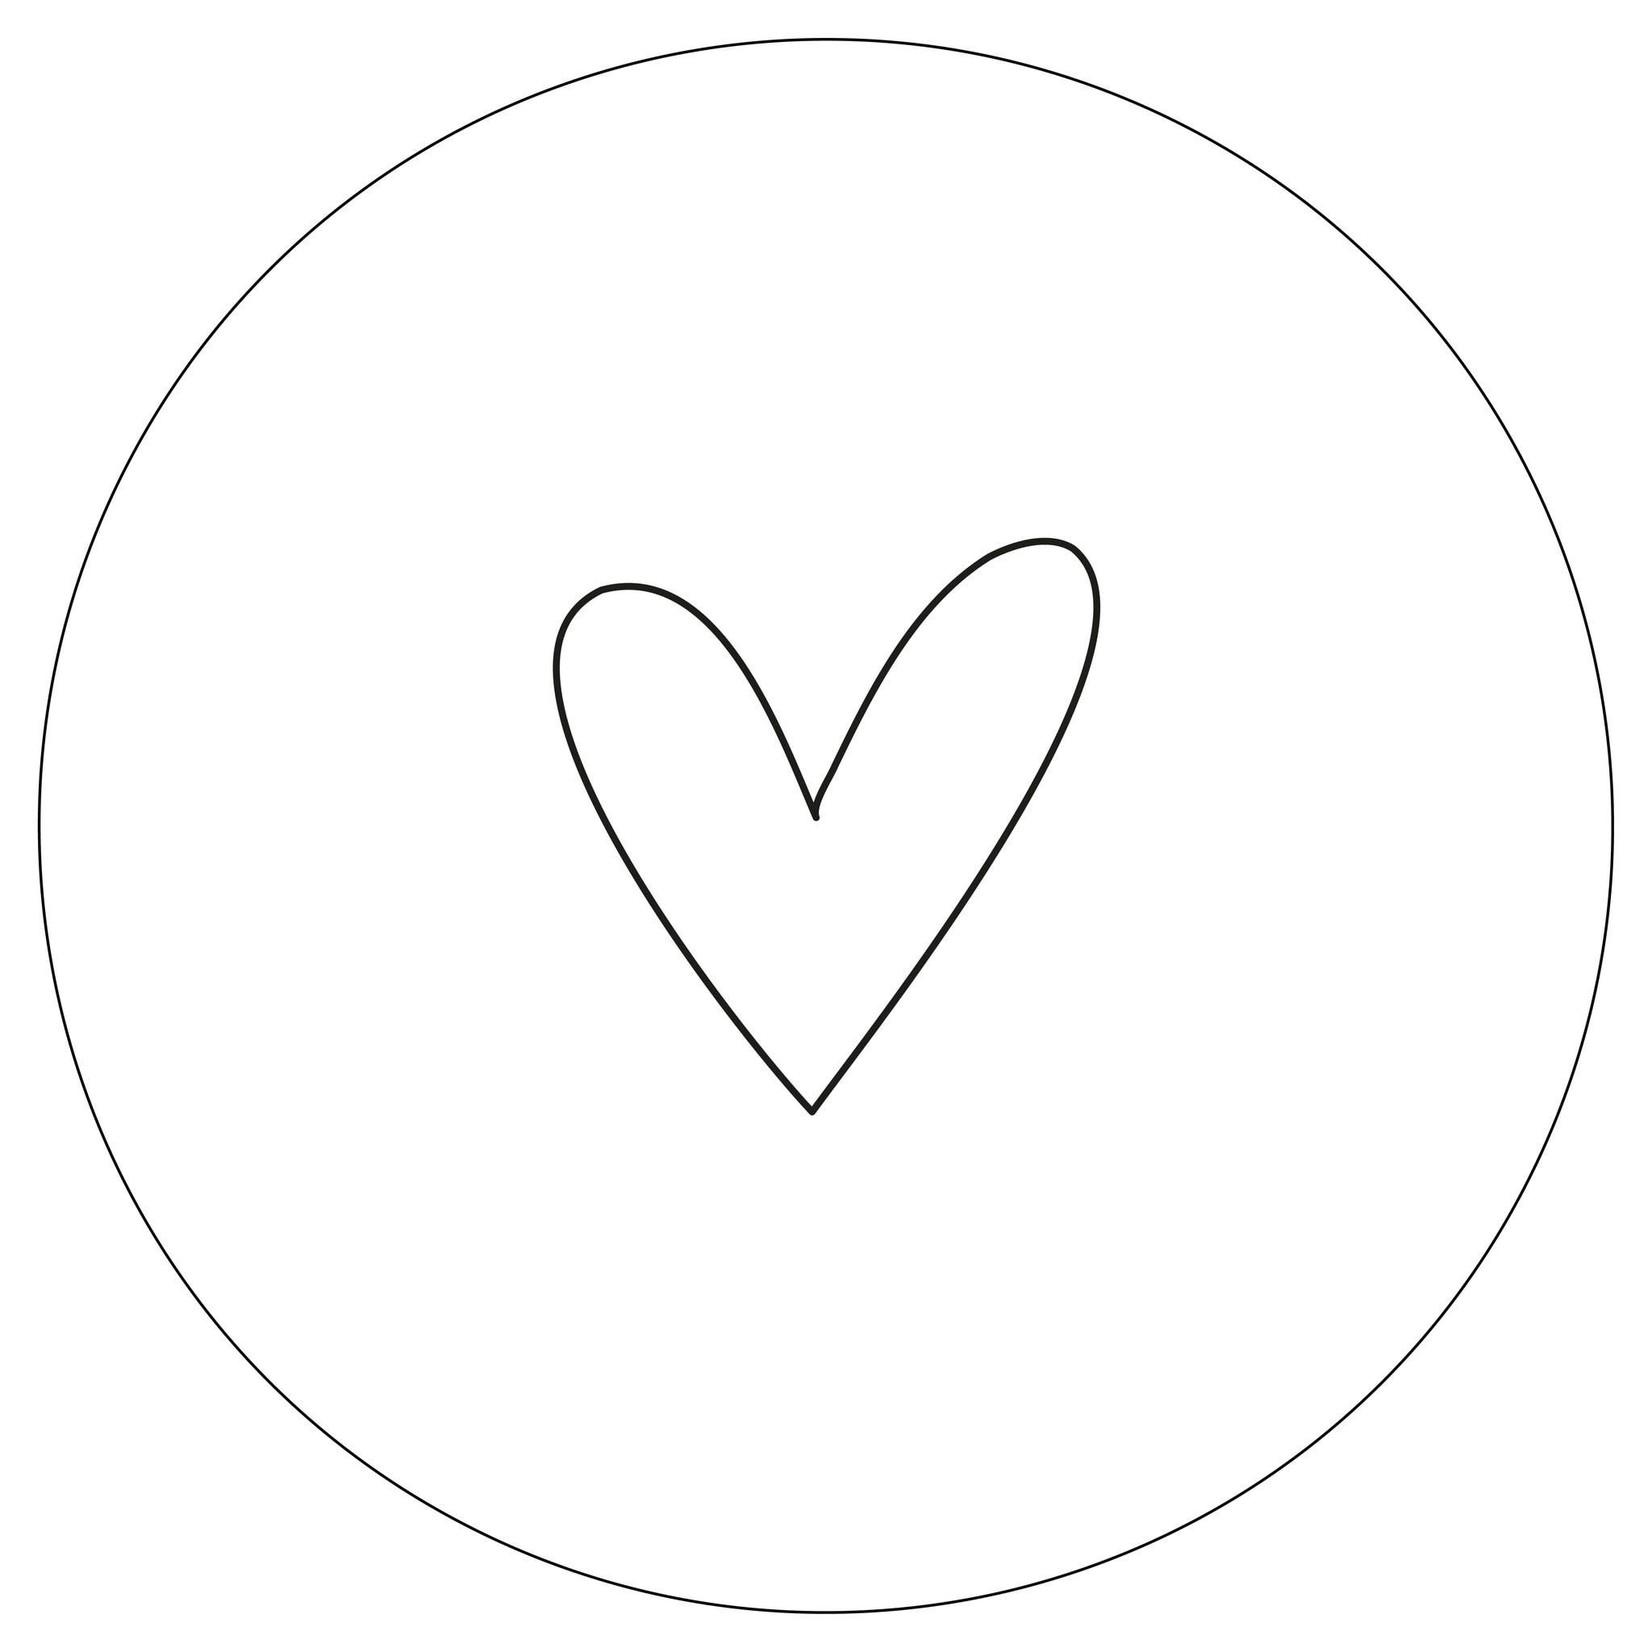 Zoedt Muurcirkel wit met zwart hartje